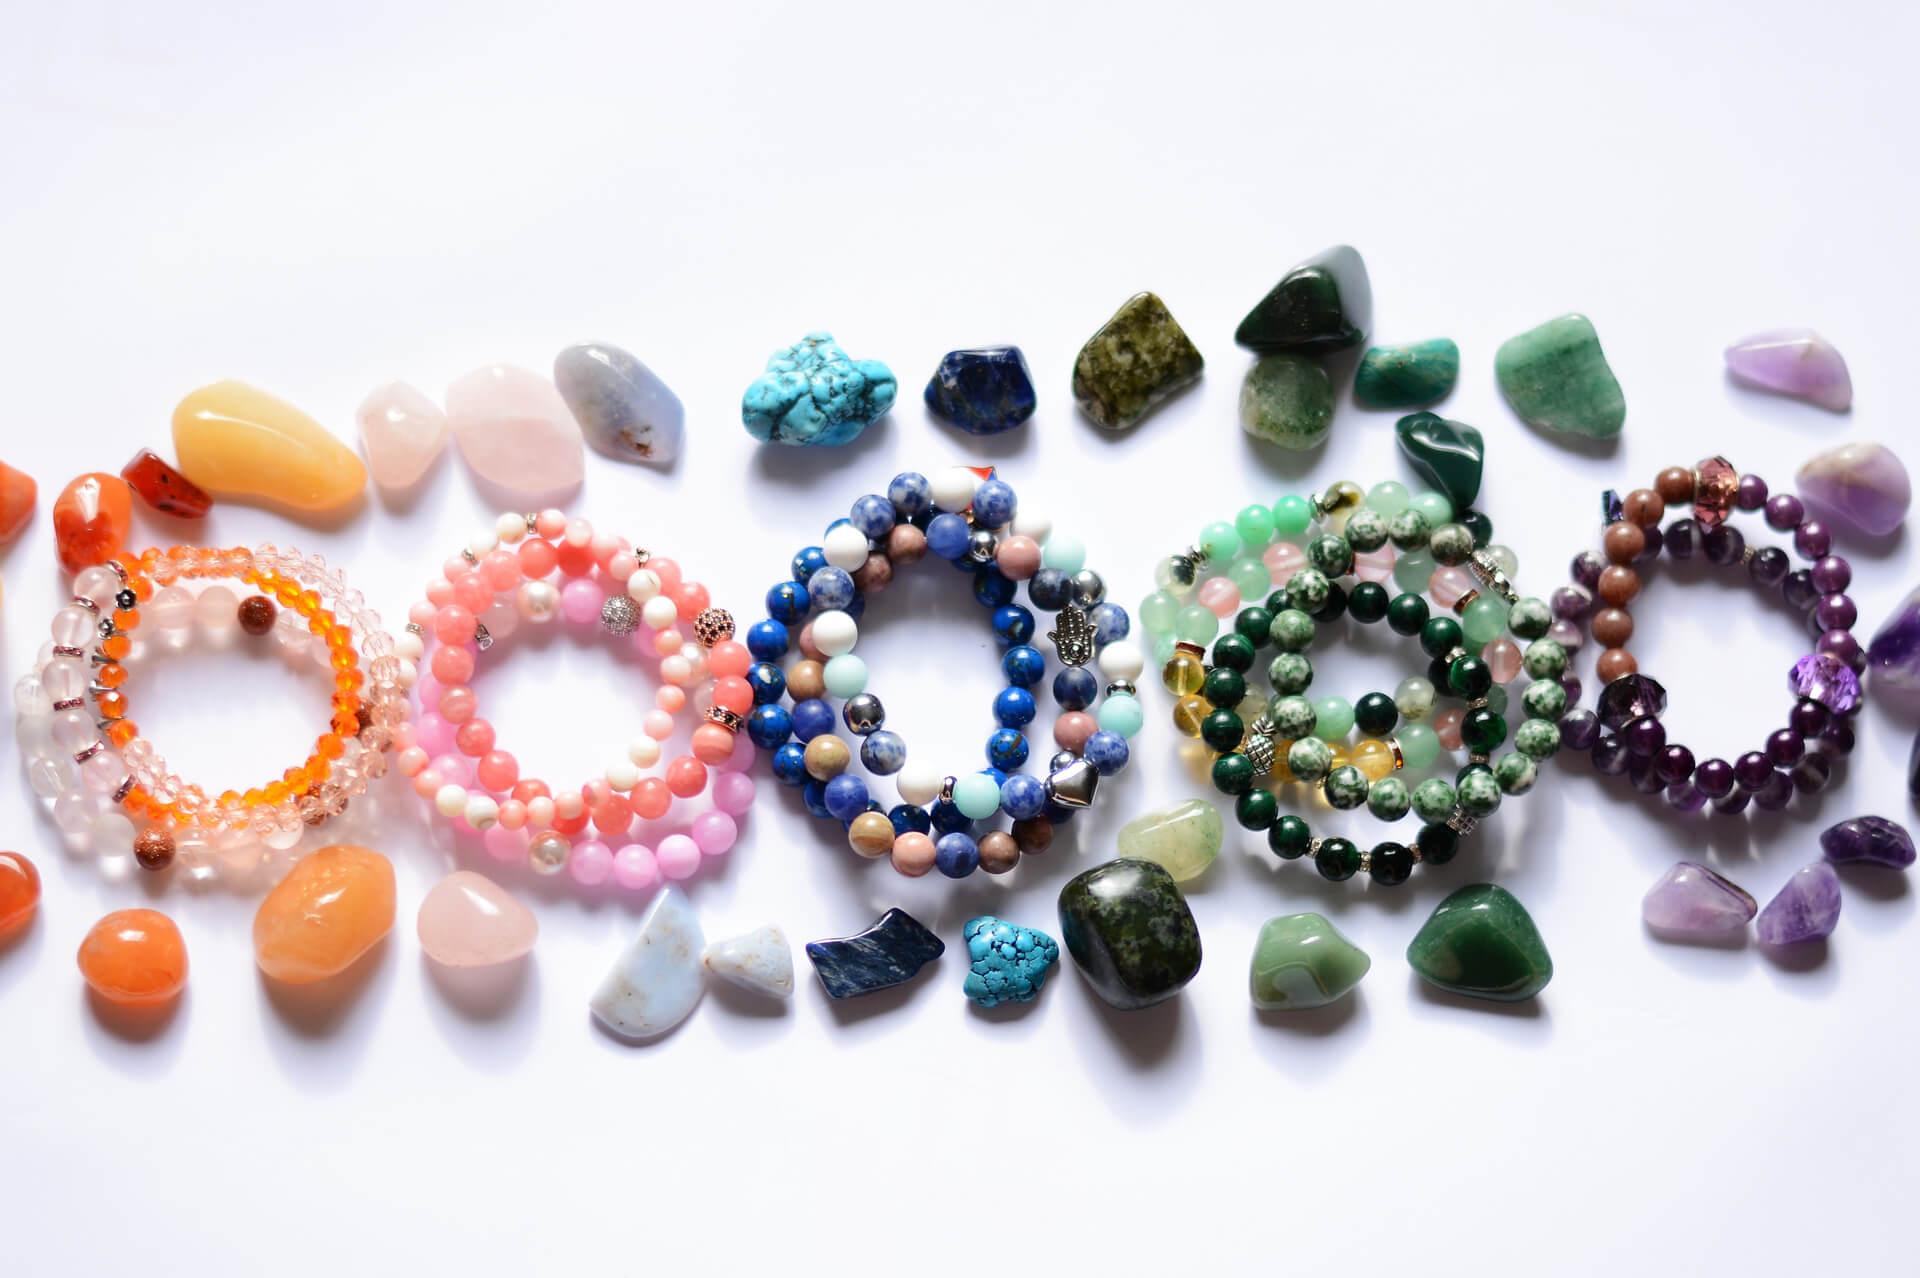 Bratari din pietre semipretioase – Cadoul ideal pentru iubita ta!